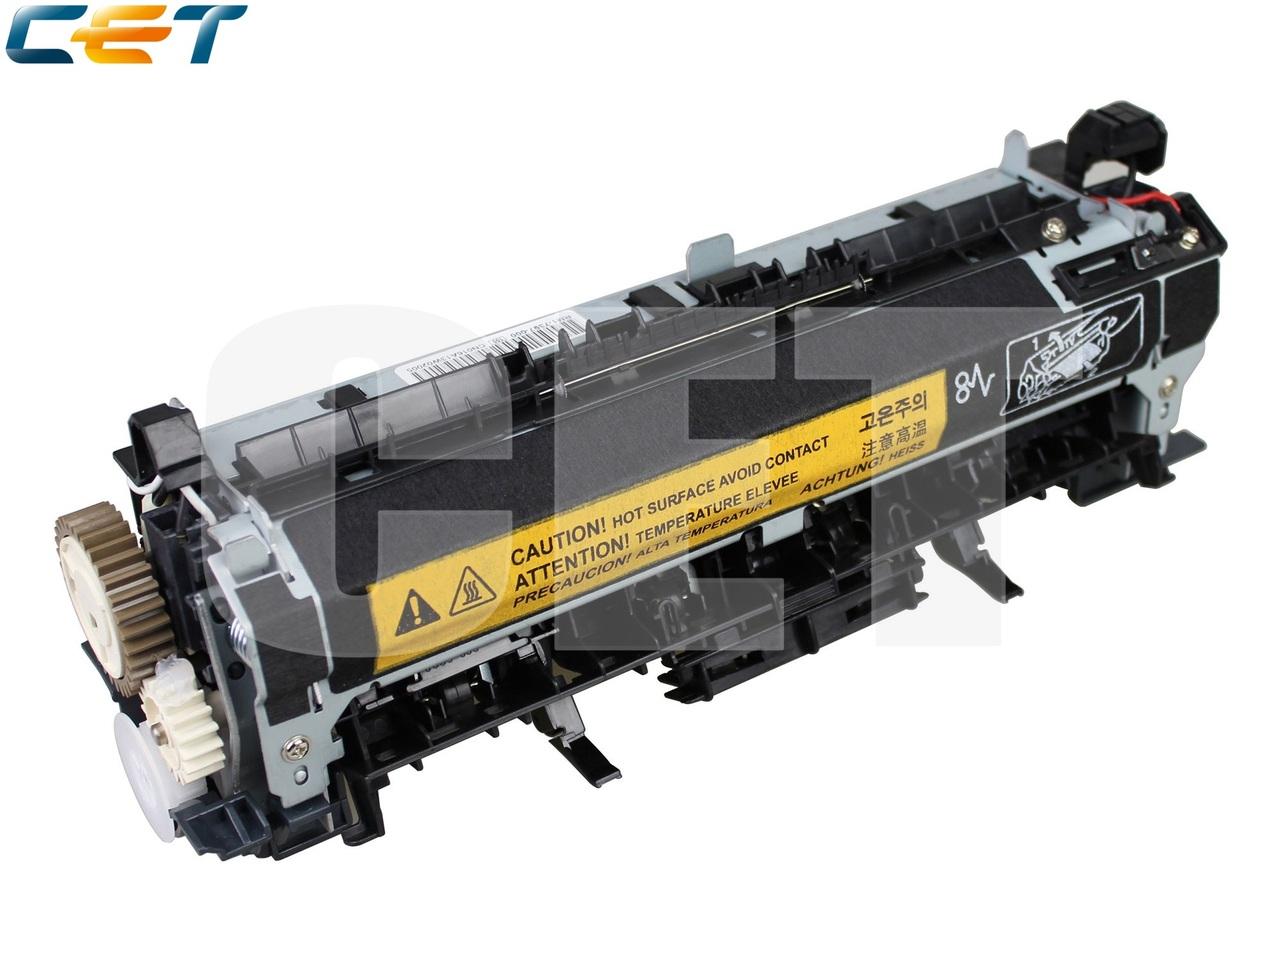 Фьюзер (печка) в сборе RM1-7397-000 для HP LaserJetEnterprise M4555MFP (CET), CET2482